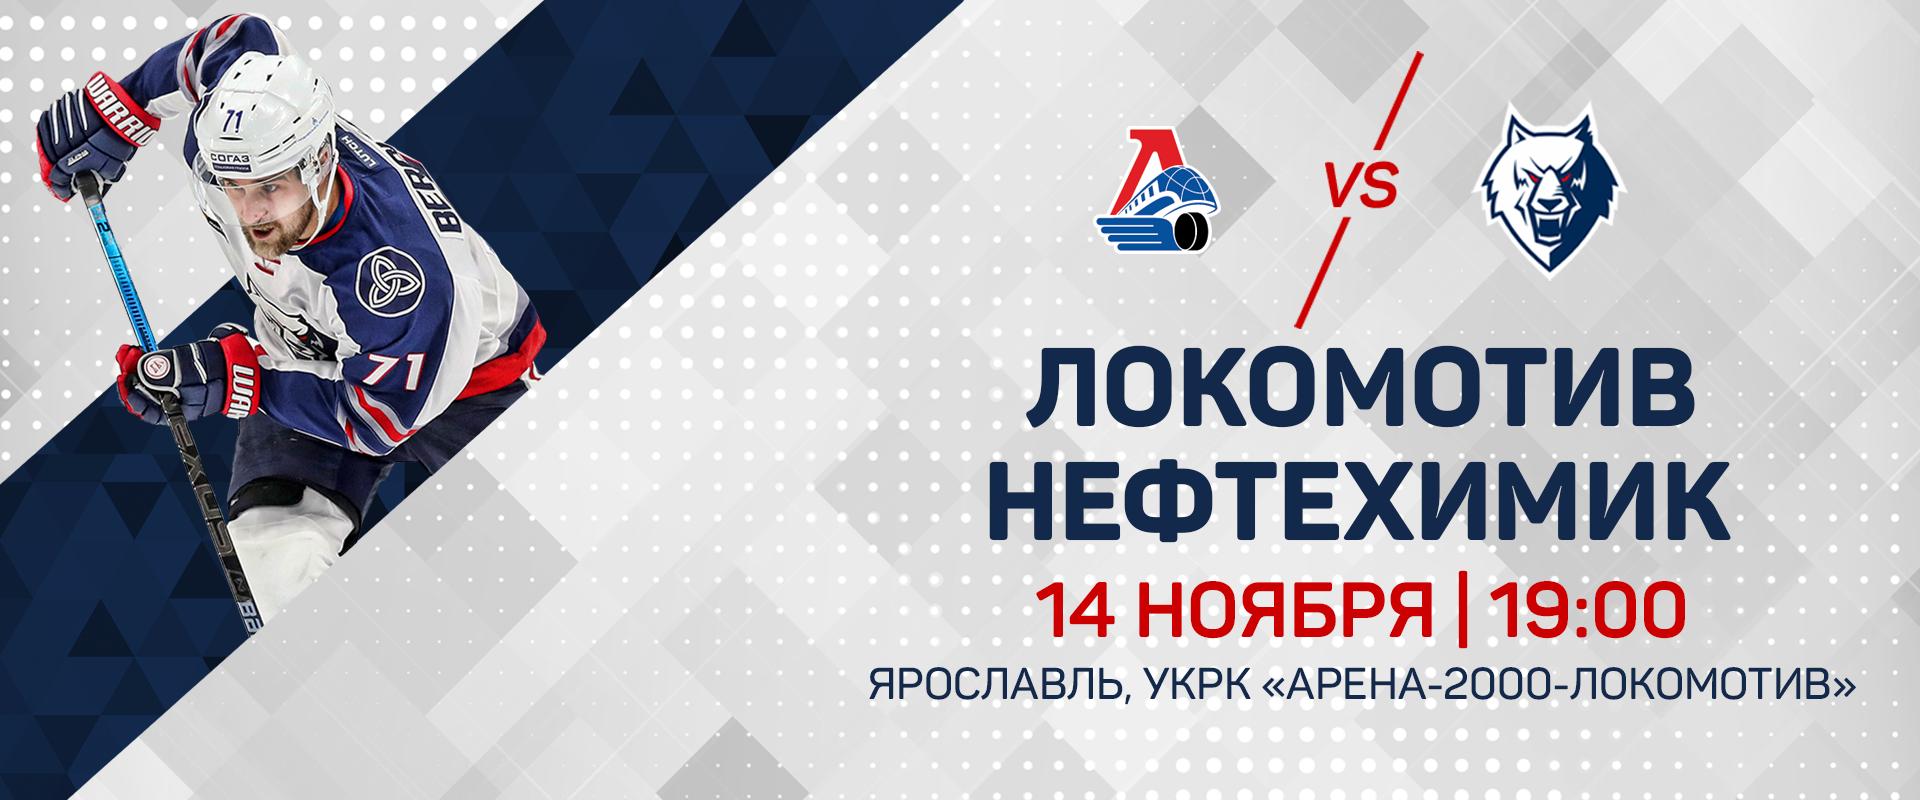 Локомотив (хоккейный клуб, Ярославль) — Википедия | 800x1920